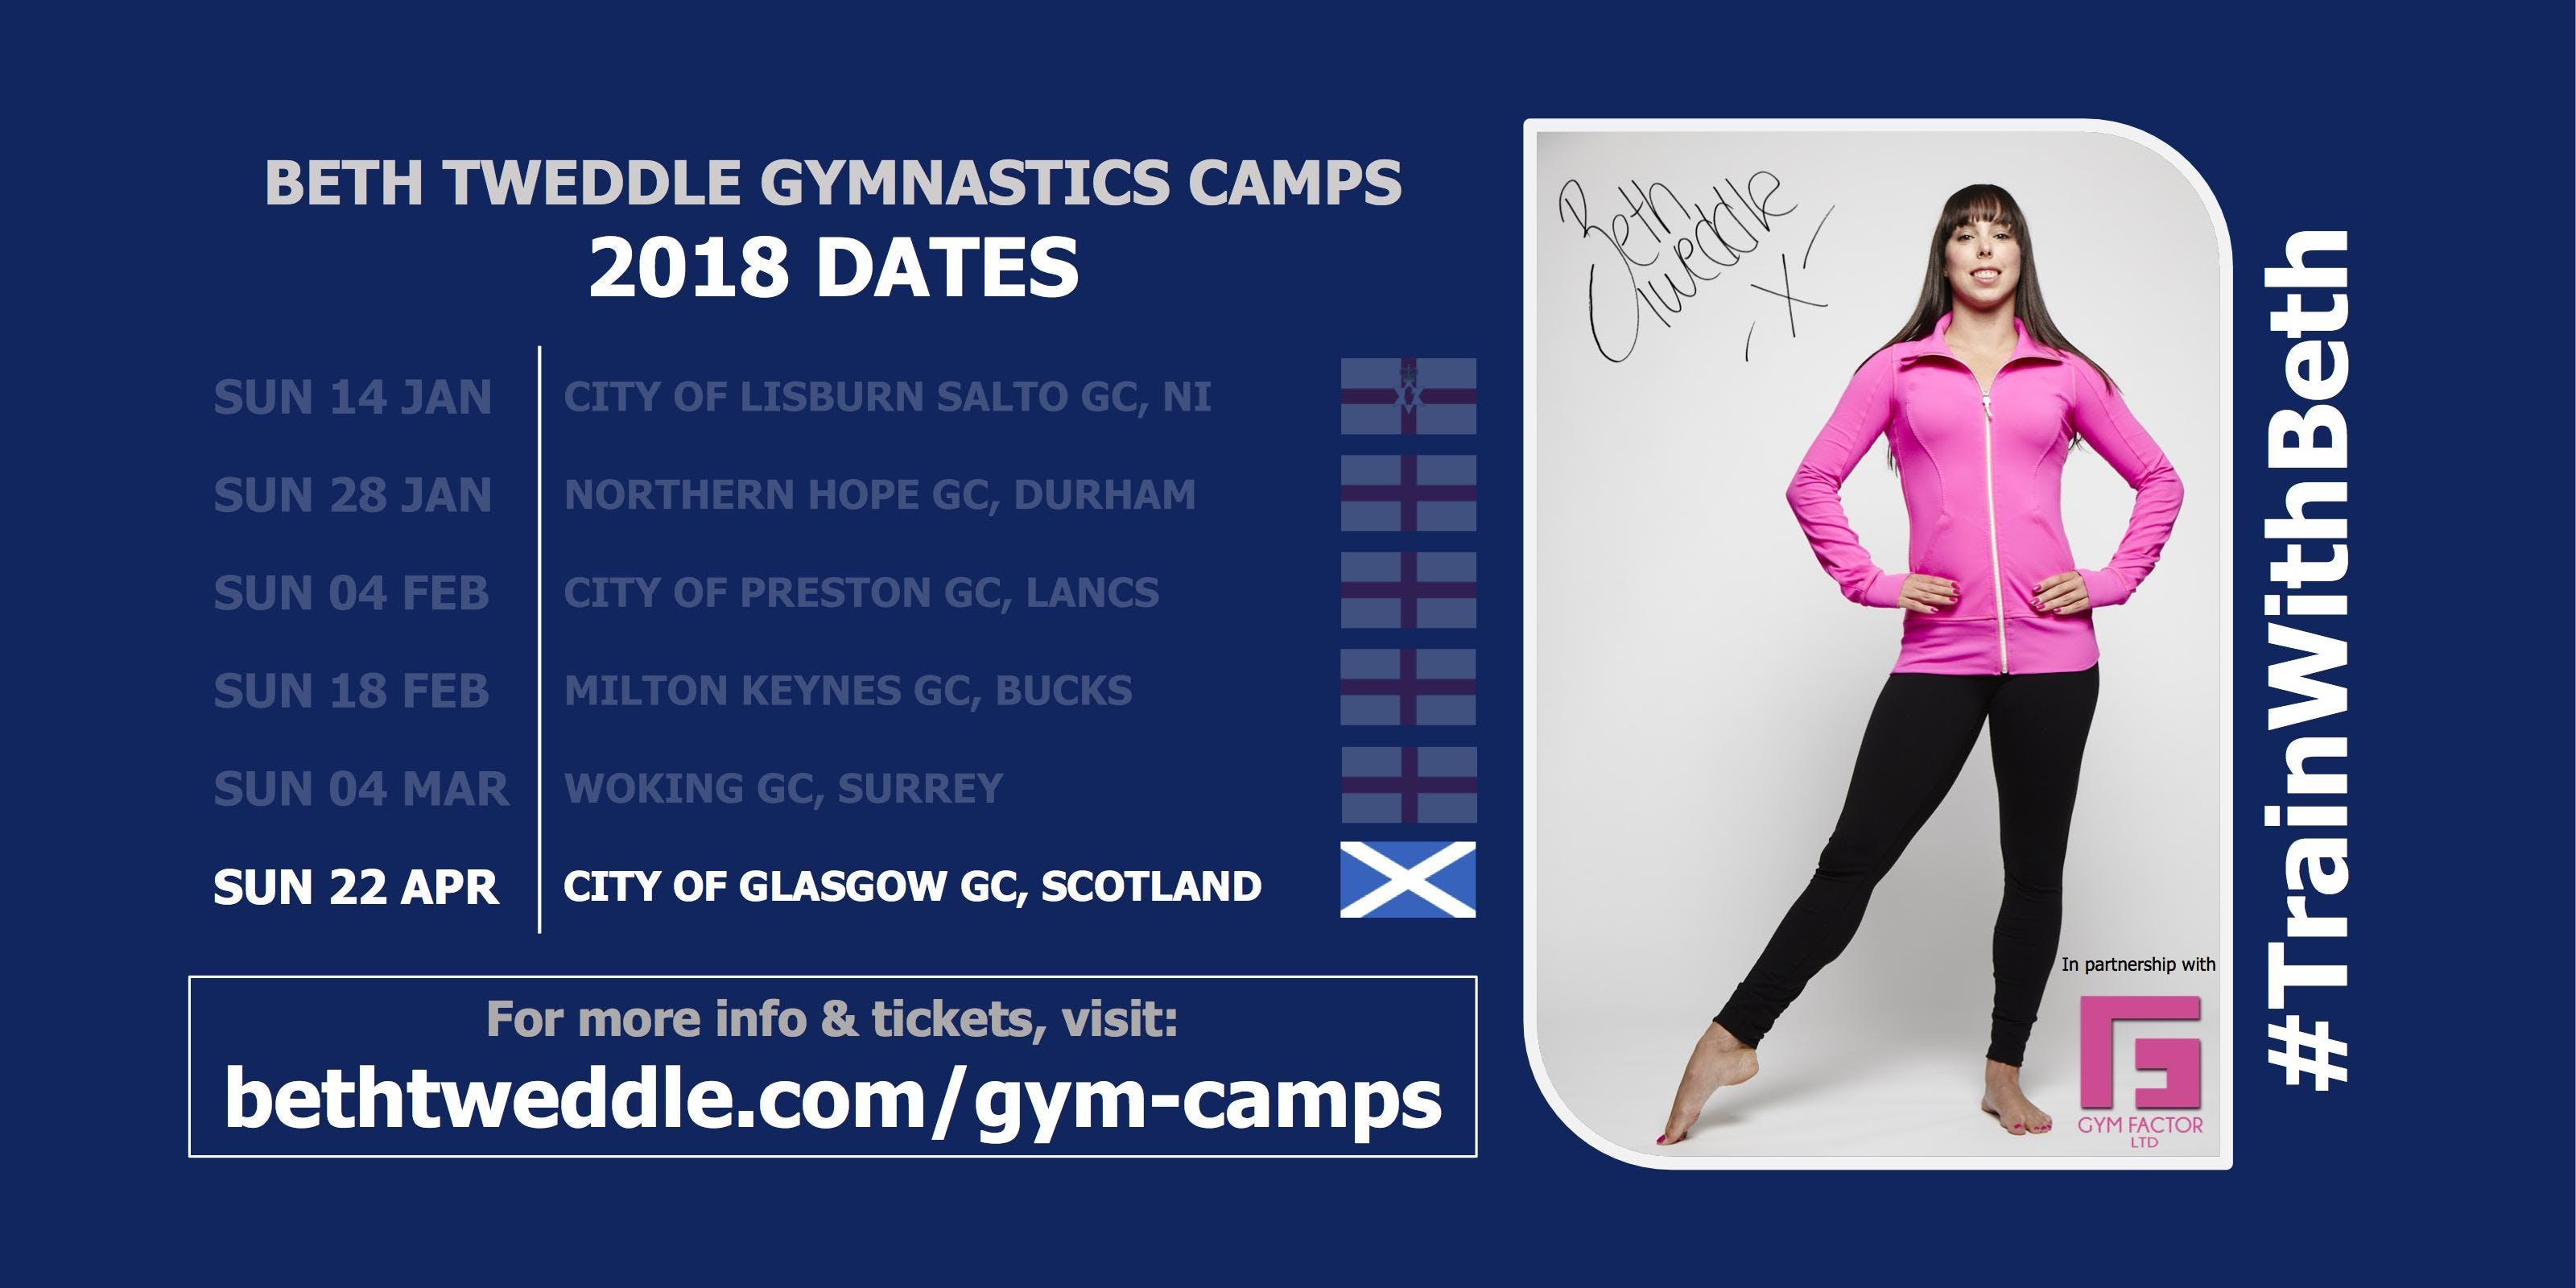 Beth Tweddle Gymnastics Camp, City of Glasgow